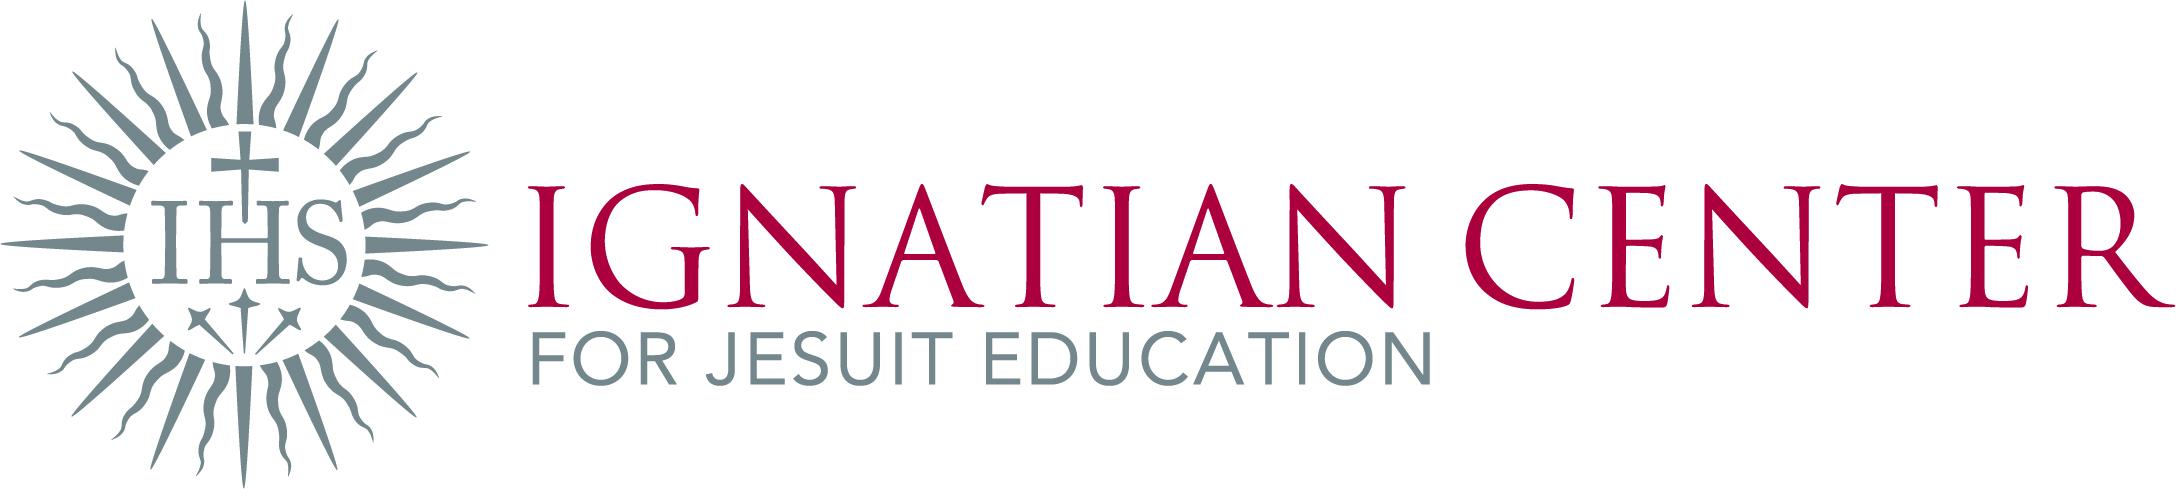 Ignatian Center logo_Red_Grey.jpg